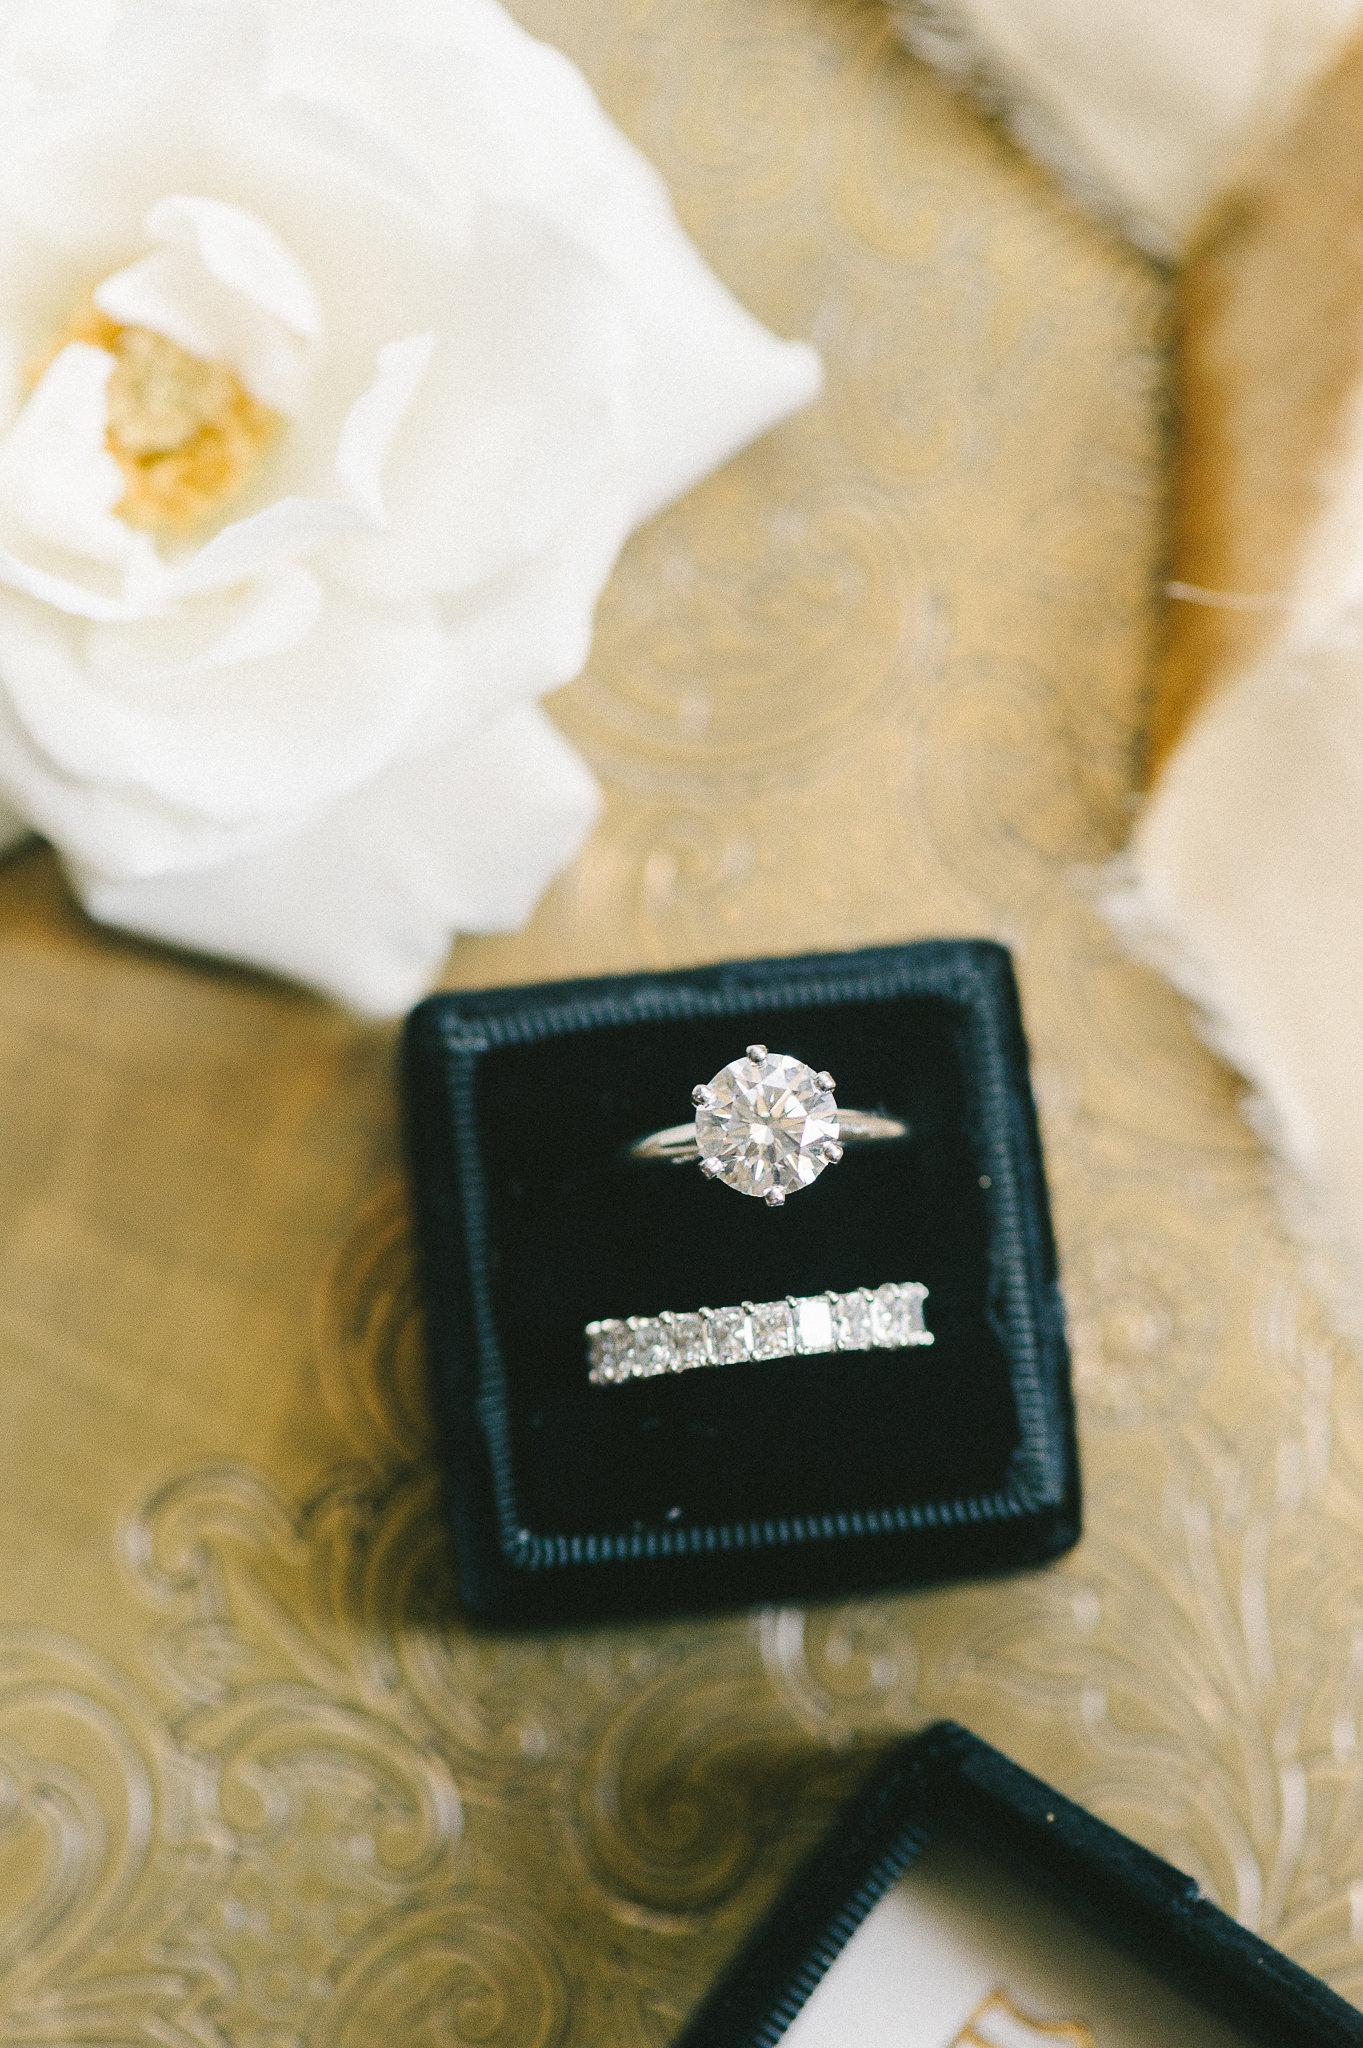 Elizabeth-Fogarty-Wedding-Photography-23.jpg